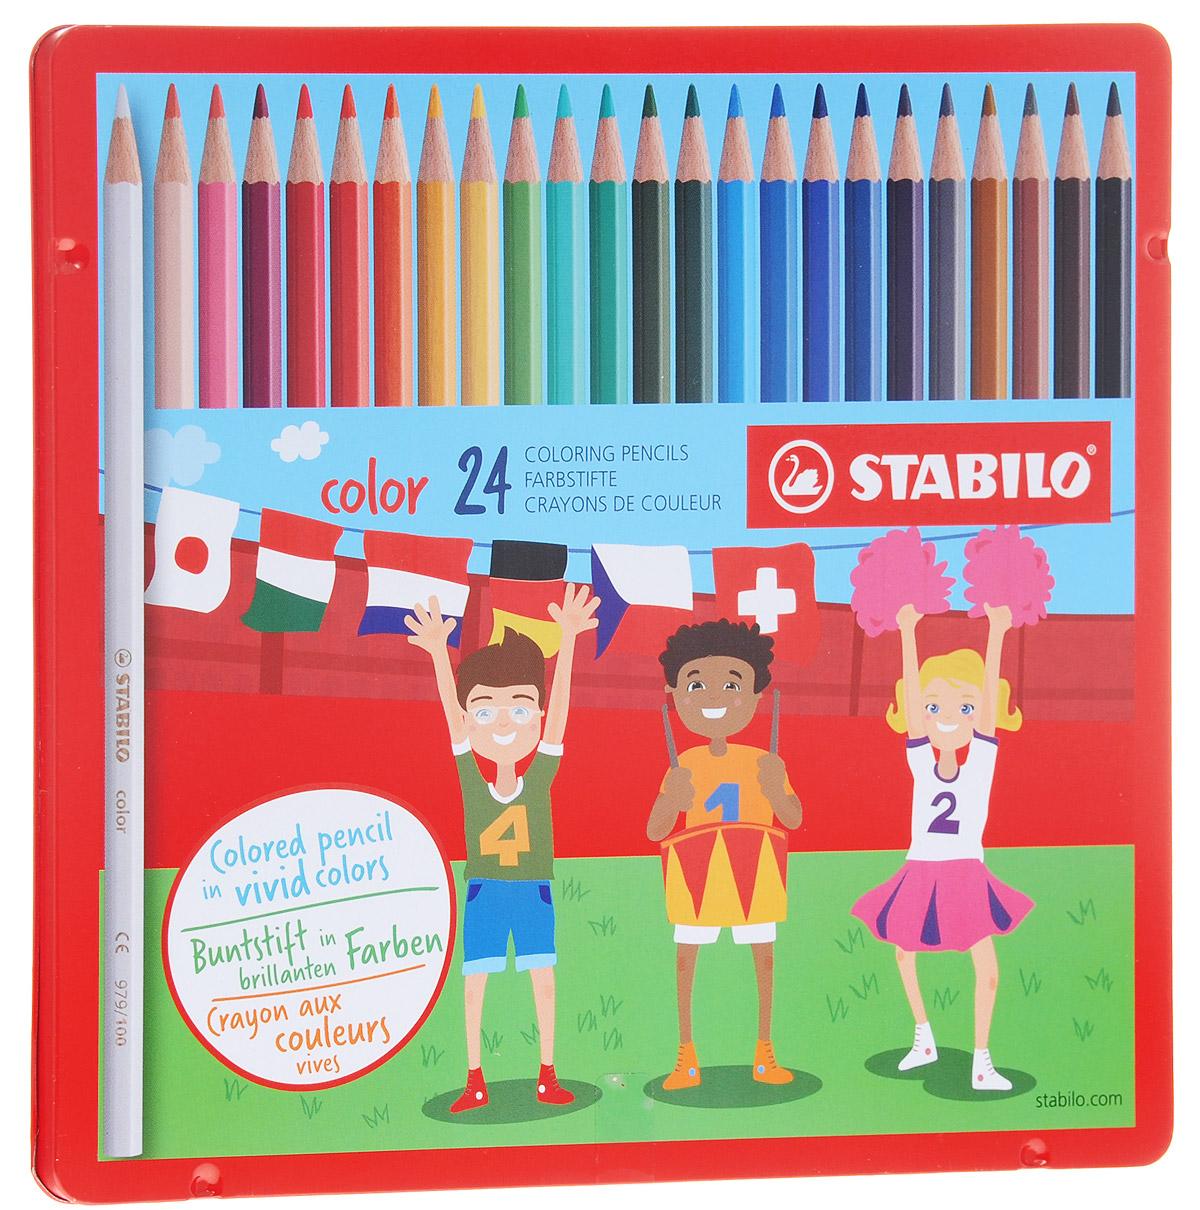 Stabilo Набор цветных карандашей Color 24 шт3552/12 8 KSСерия цветных карандашей STABILO color в металлических футлярах. Широкая гамма цветов, которые отлично смешиваются и позволяют создавать огромное количество оттенков. Насыщенные цвета имеют высокую светостойкость. Мягкий грифель легко рисует на бумаге, не царапая ее и не крошась. Карандаши не ломаются при рисовании и затачивании.